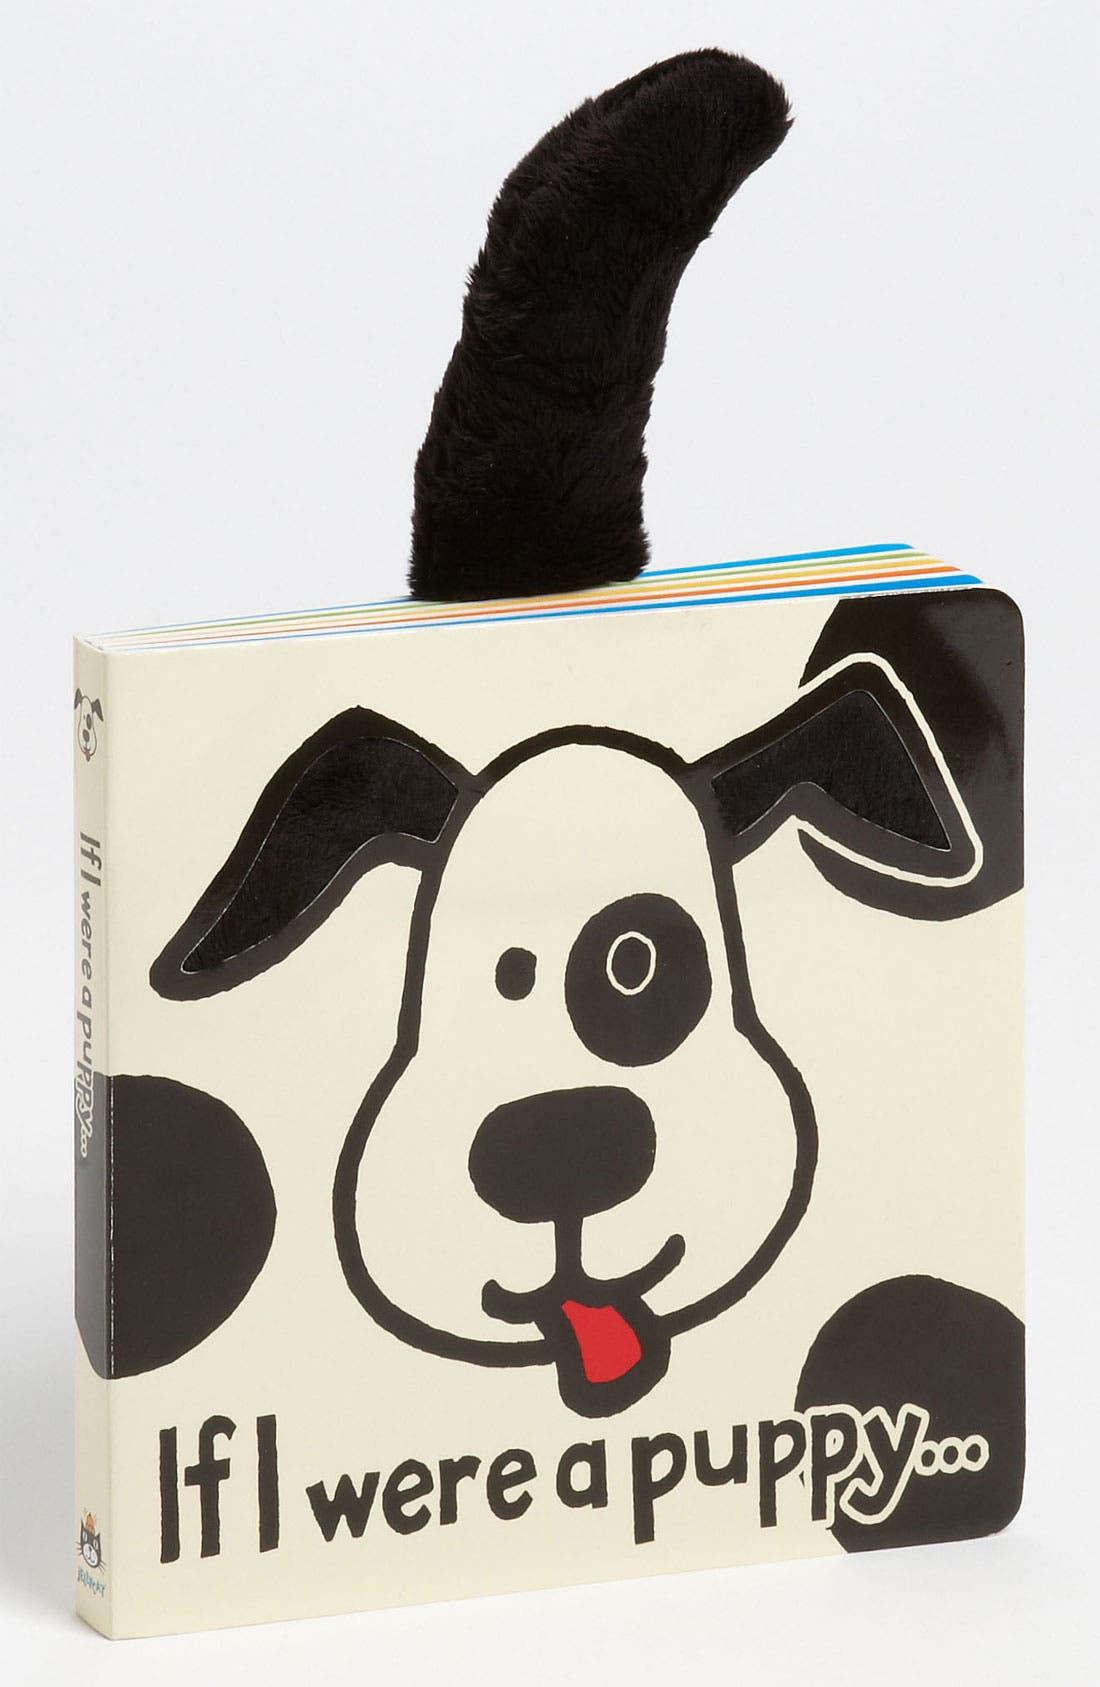 JELLYCAT 'If I Were a Puppy' Book